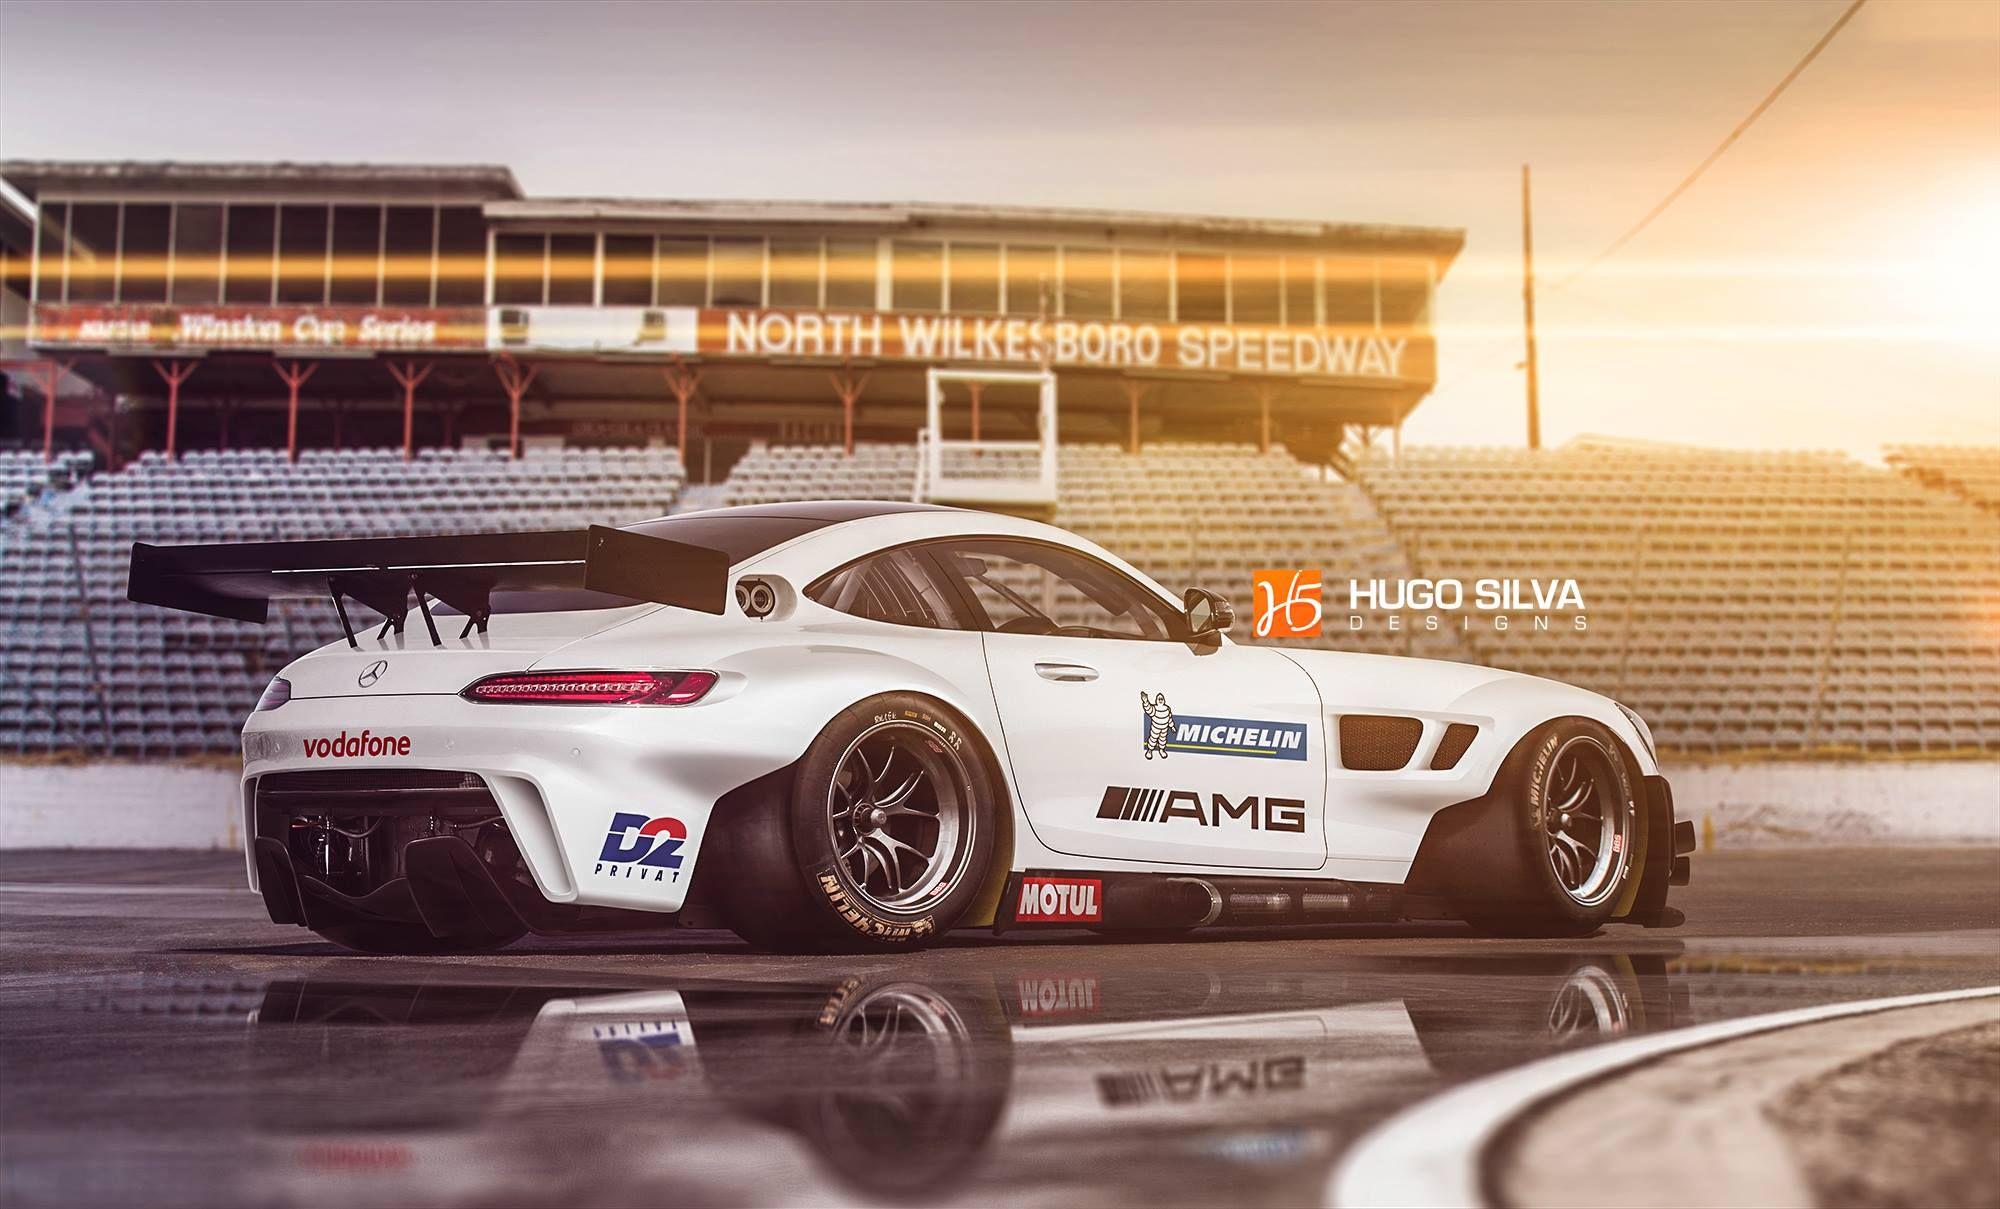 Mercedes Amg Lm Gte Concept Race Cars